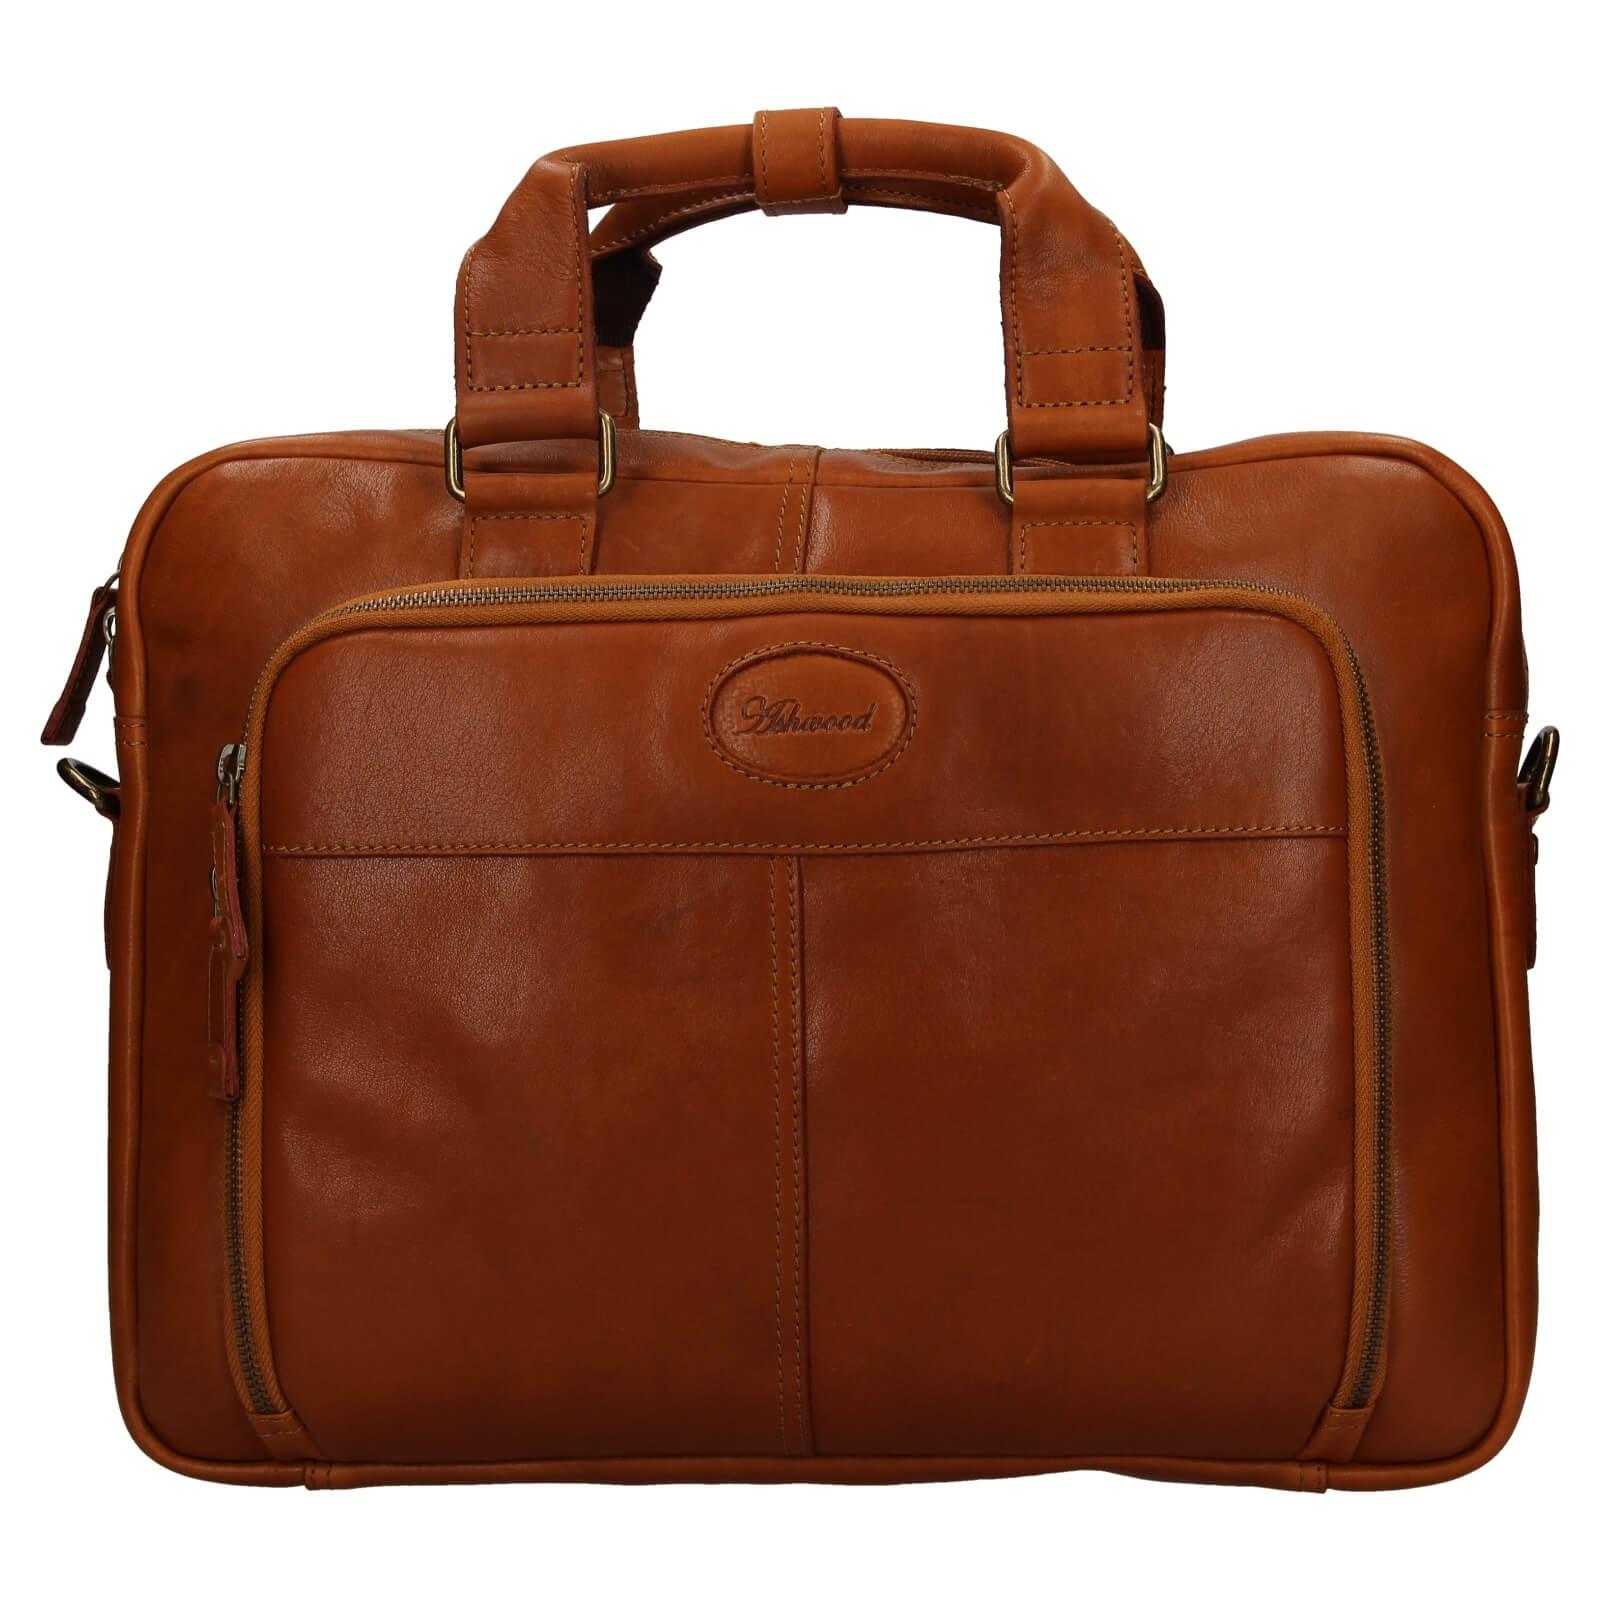 Pánská kožená taška na notebook Ashwood Bens - koňak